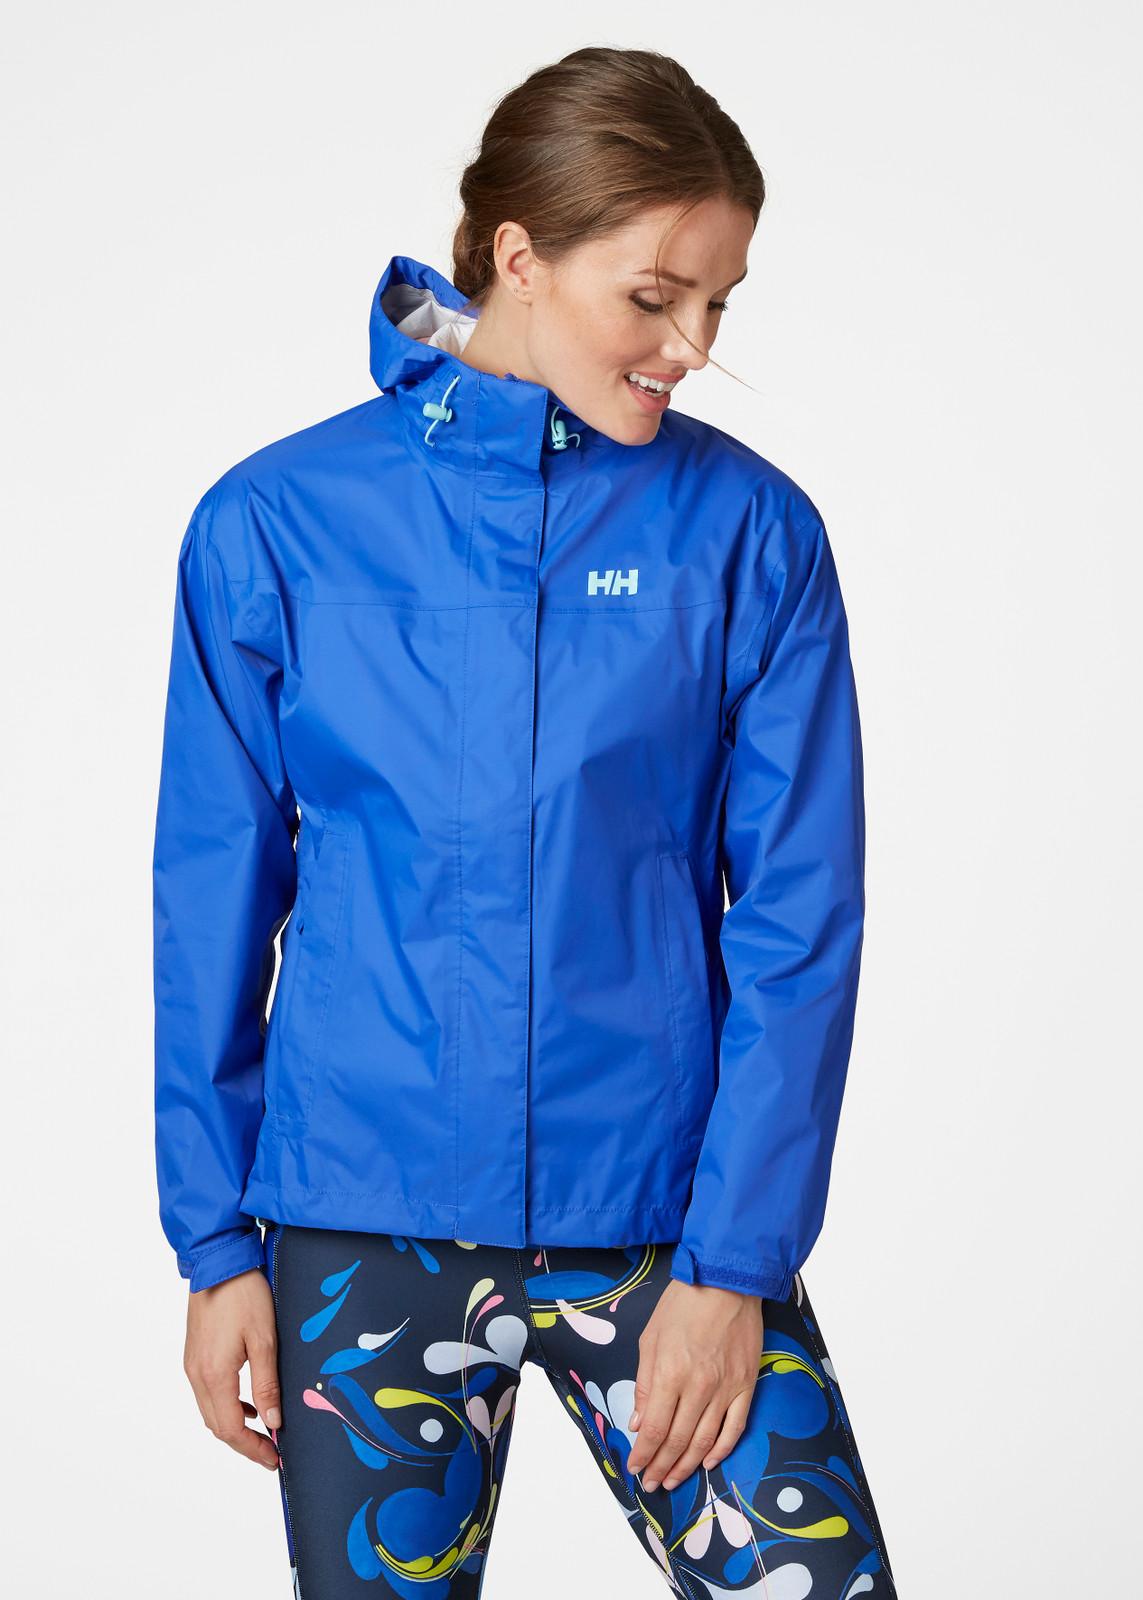 Helly Hansen Loke Jacket, Women's - Royal Blue, 62282-514